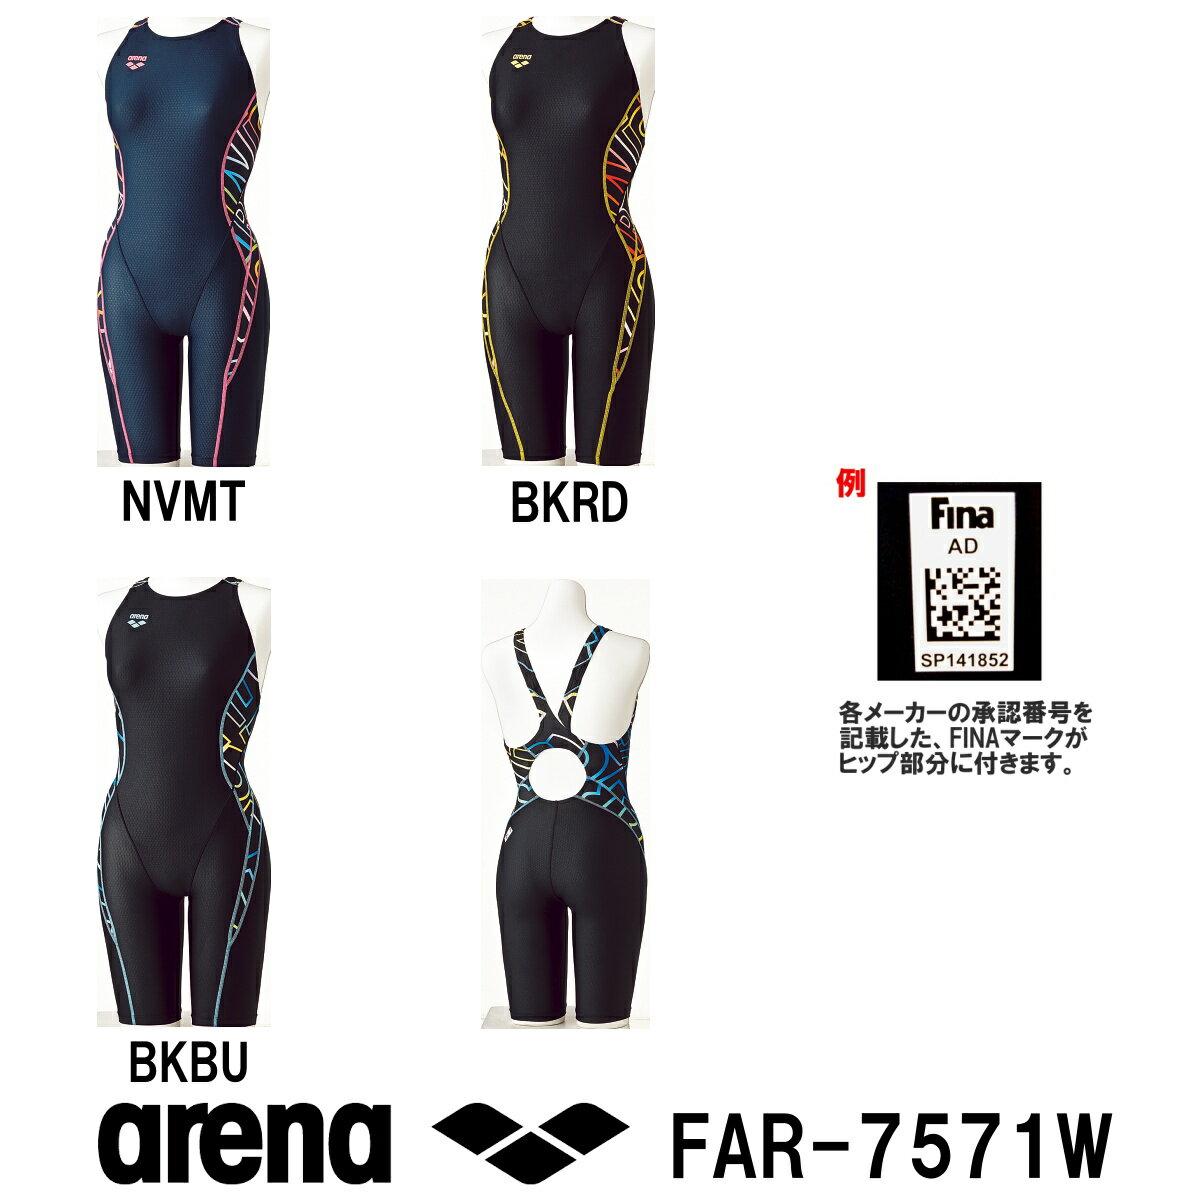 【送料無料】arena アリーナ 競泳水着 レディース スイムウェア スイミング セーフリーバックスパッツ 着やストラップ fina承認 UROKO SKIN 2017年FWモデル FAR-7571W